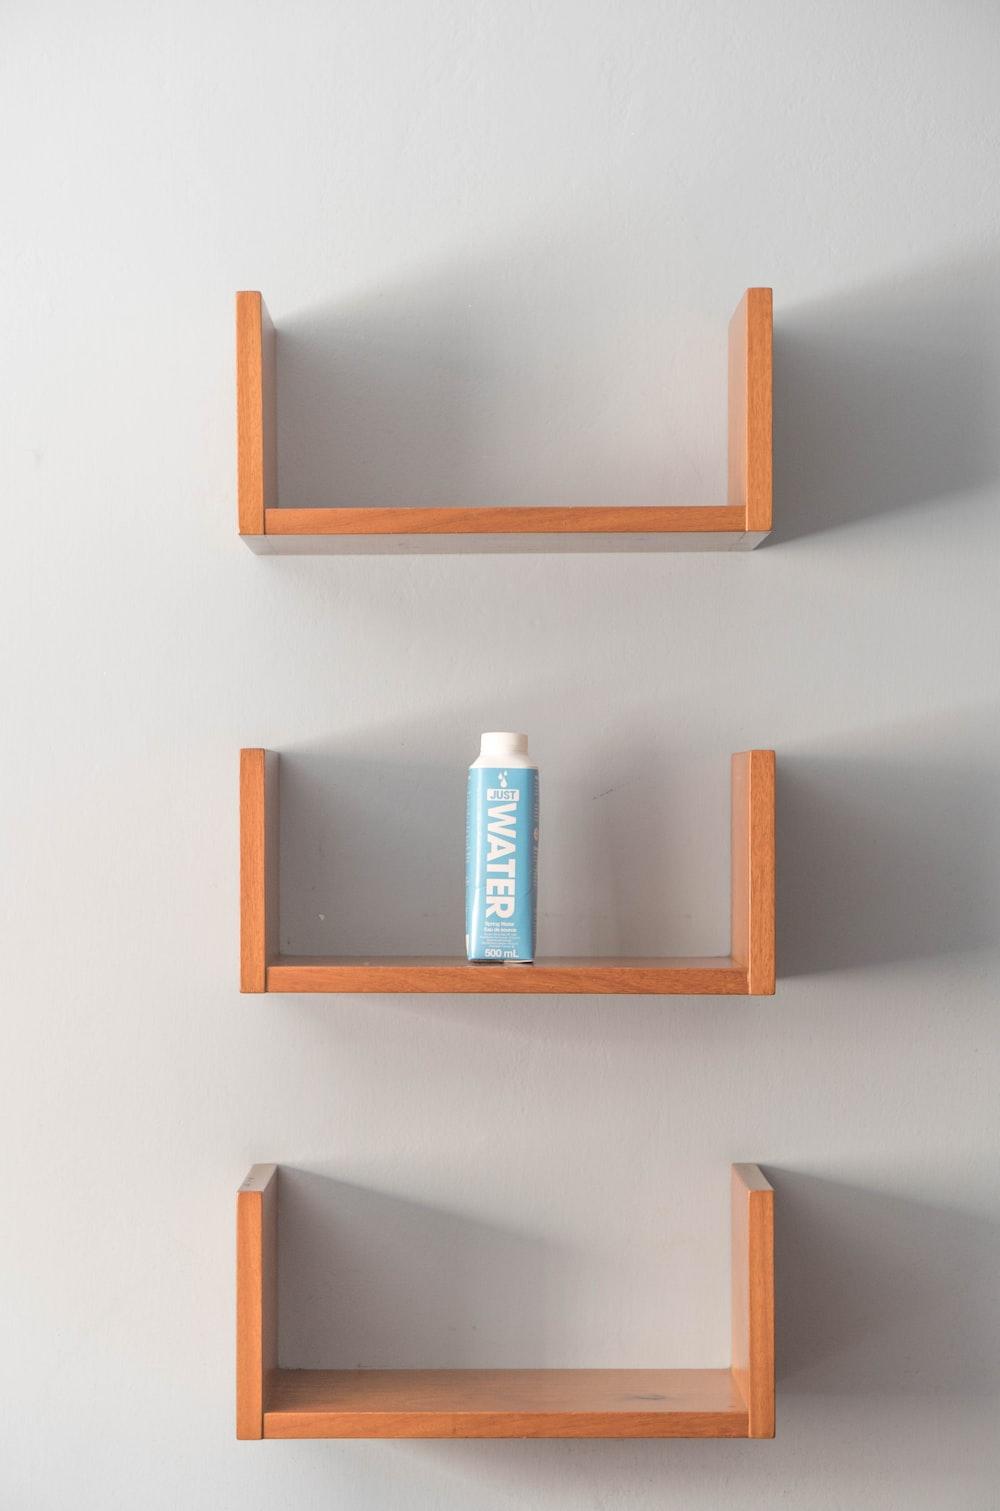 water bottle on shelf